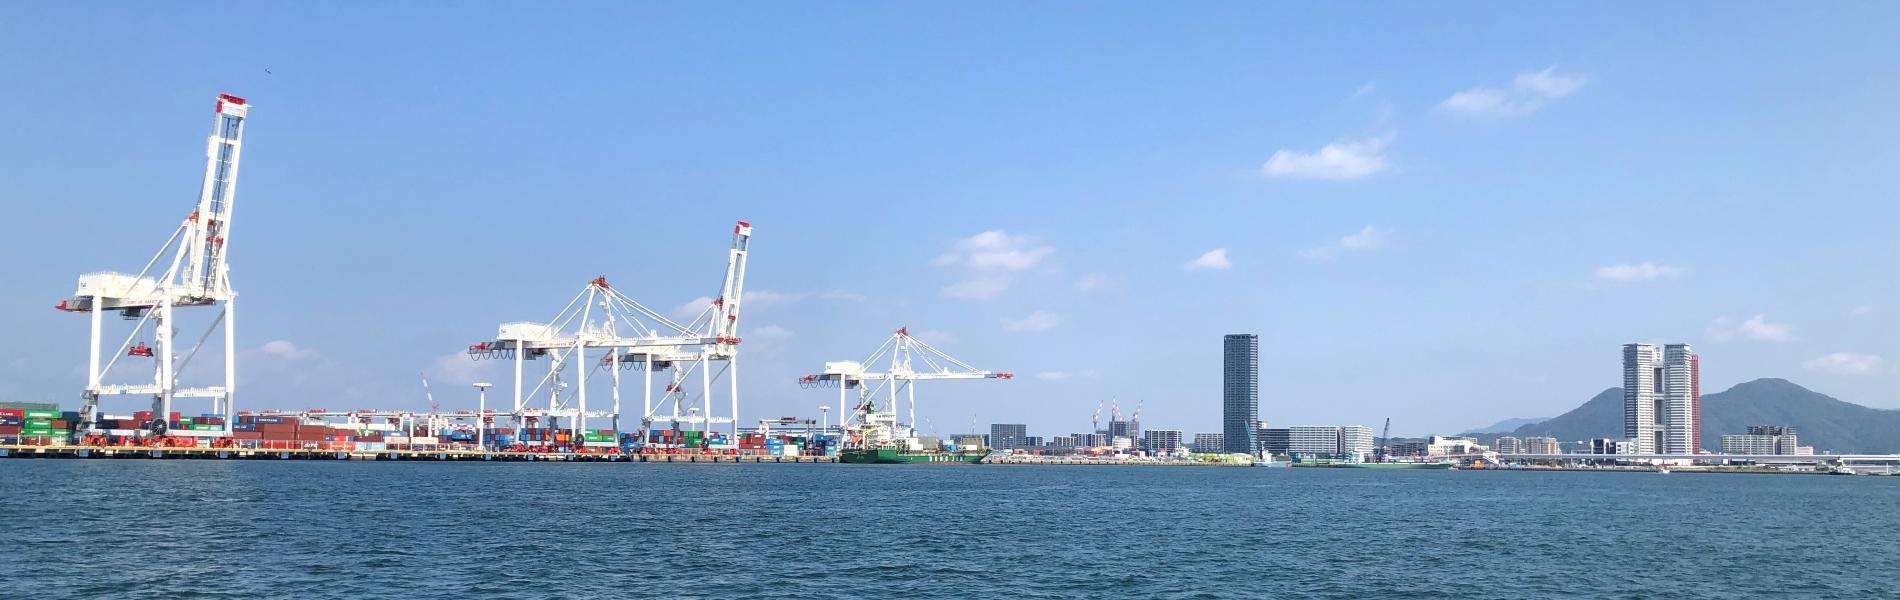 朝の港の風景